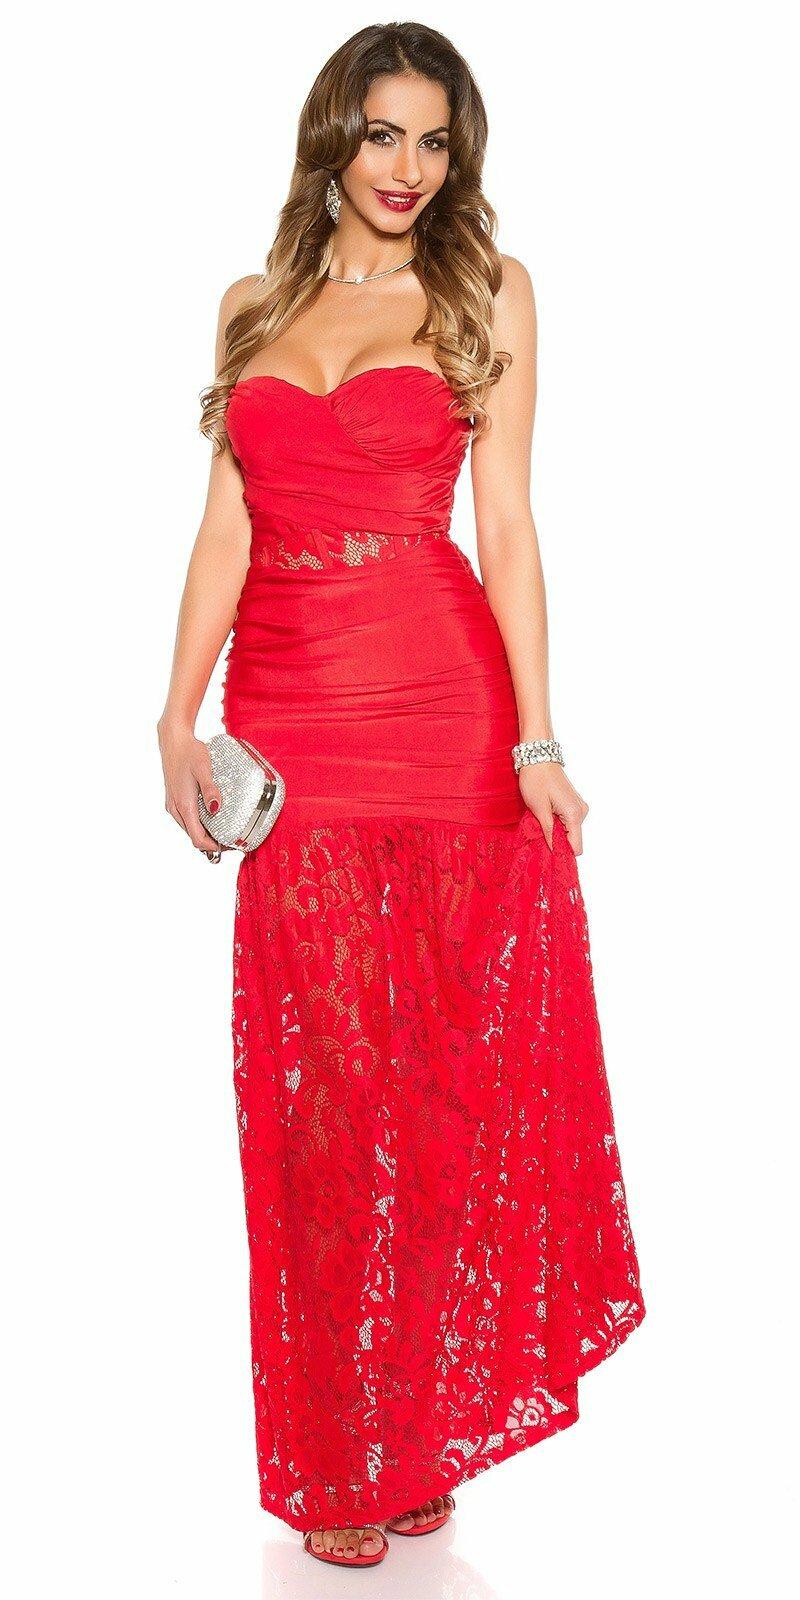 Večerné šaty s čipkou  Veľkosť S Farba Červená 1fdab5449a